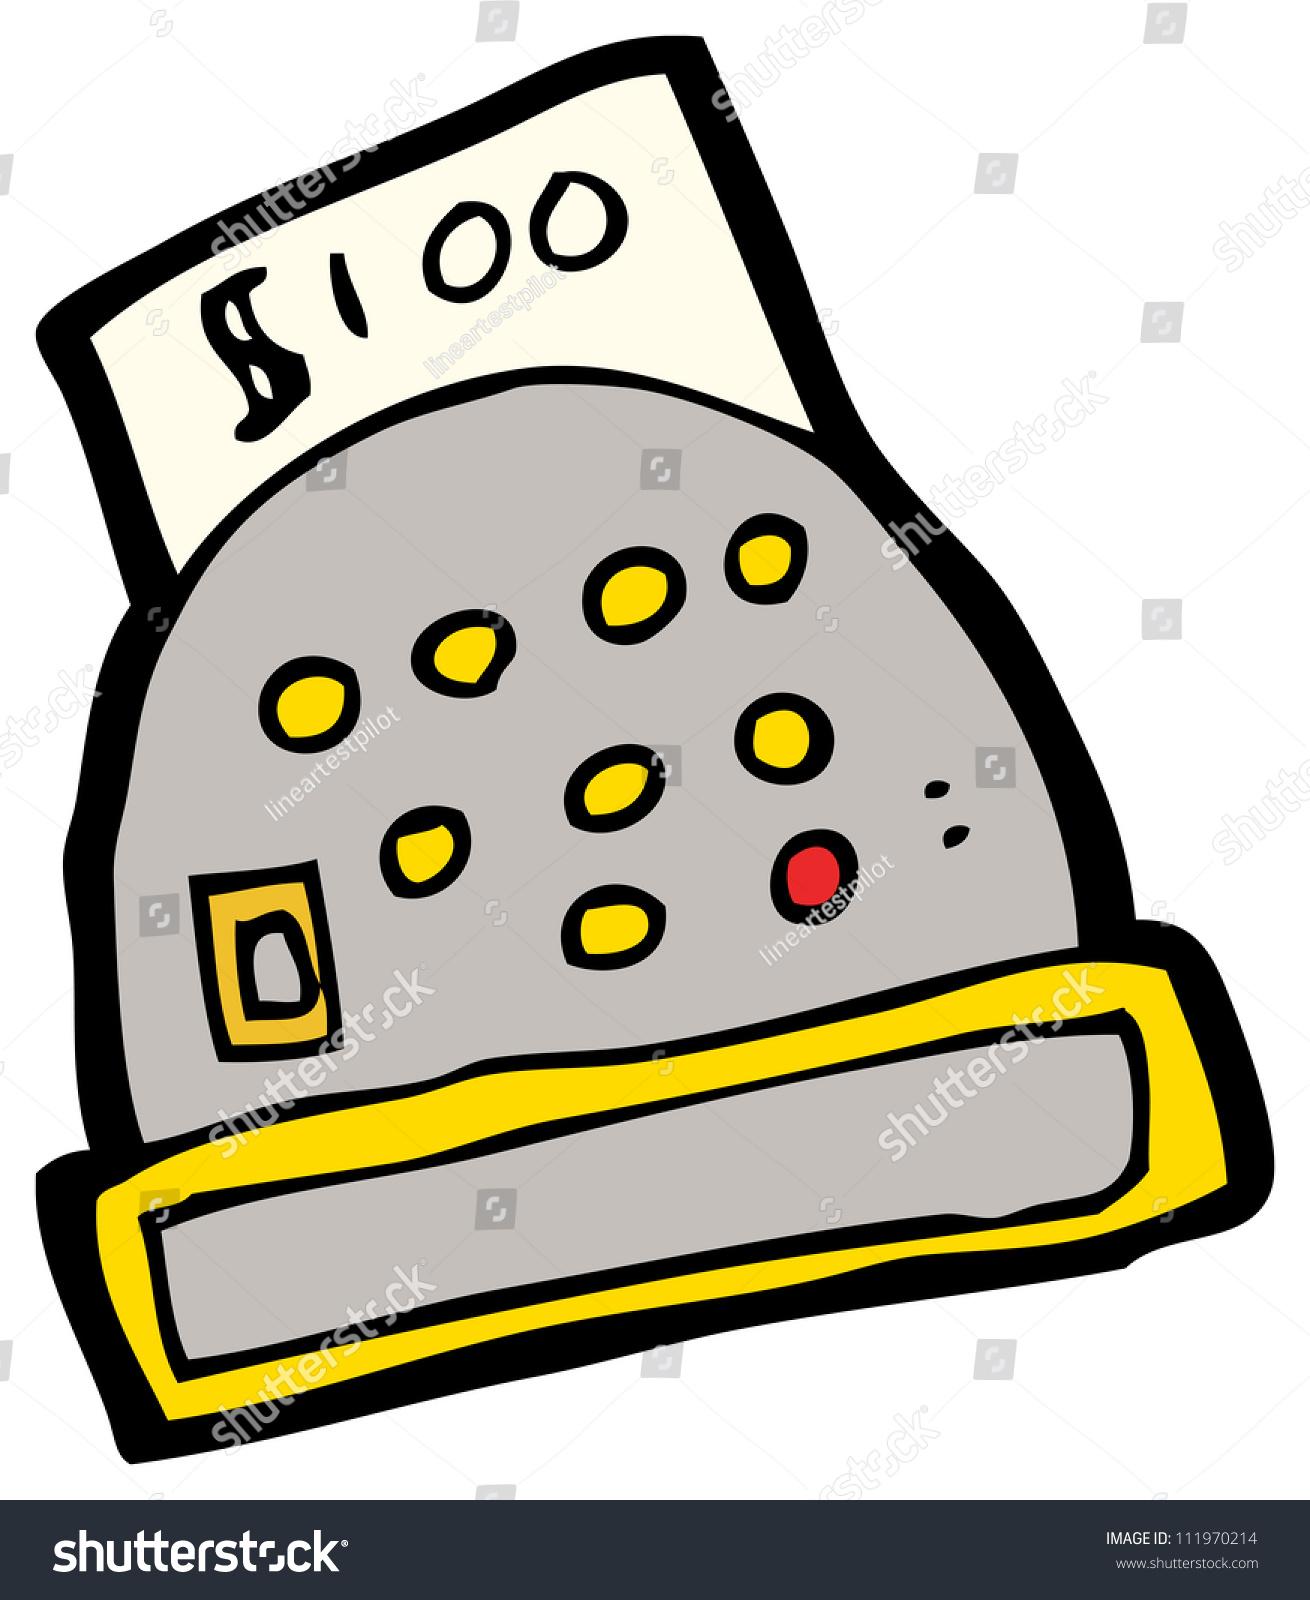 Cashier Cartoons: Cartoon Cashiers Till Stock Illustration 111970214